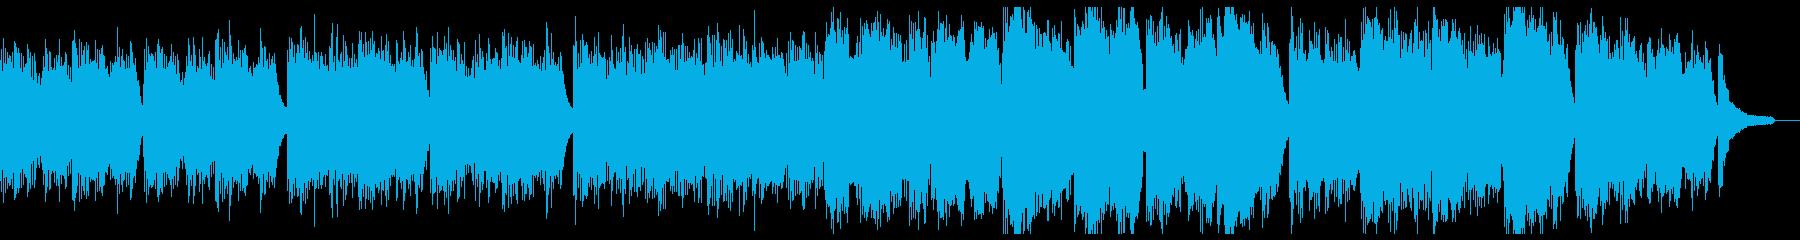 優しく温和なピアノと弦:フル1回の再生済みの波形